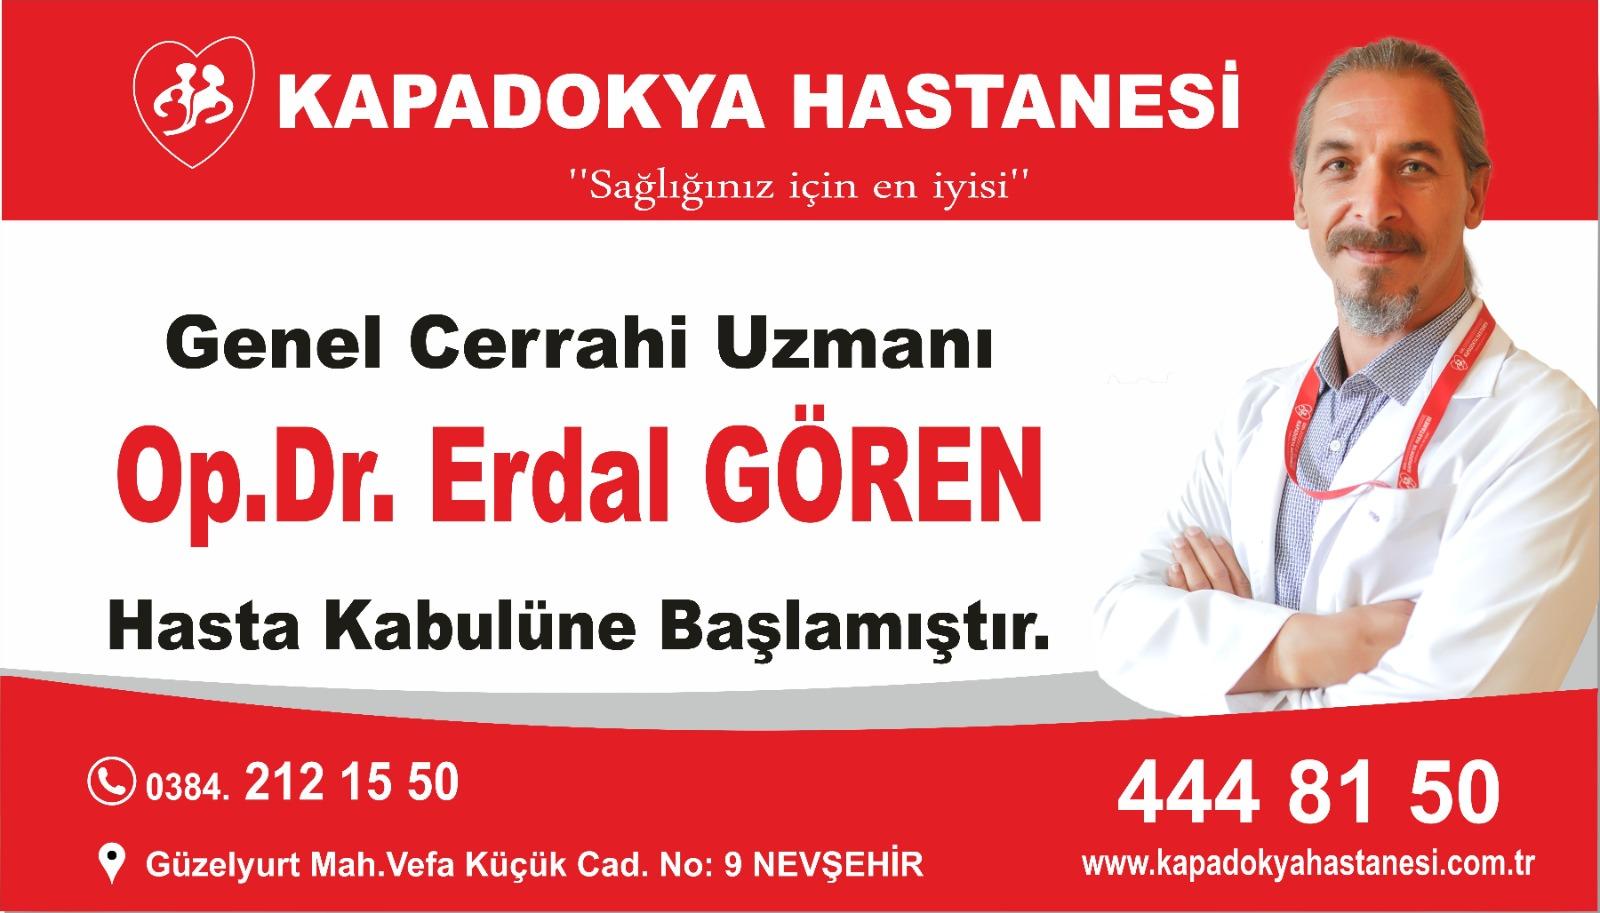 Genel Cerrahi Uzmanı Op.Dr.Erdal GÖREN hasta kabulüne başlamıştır.